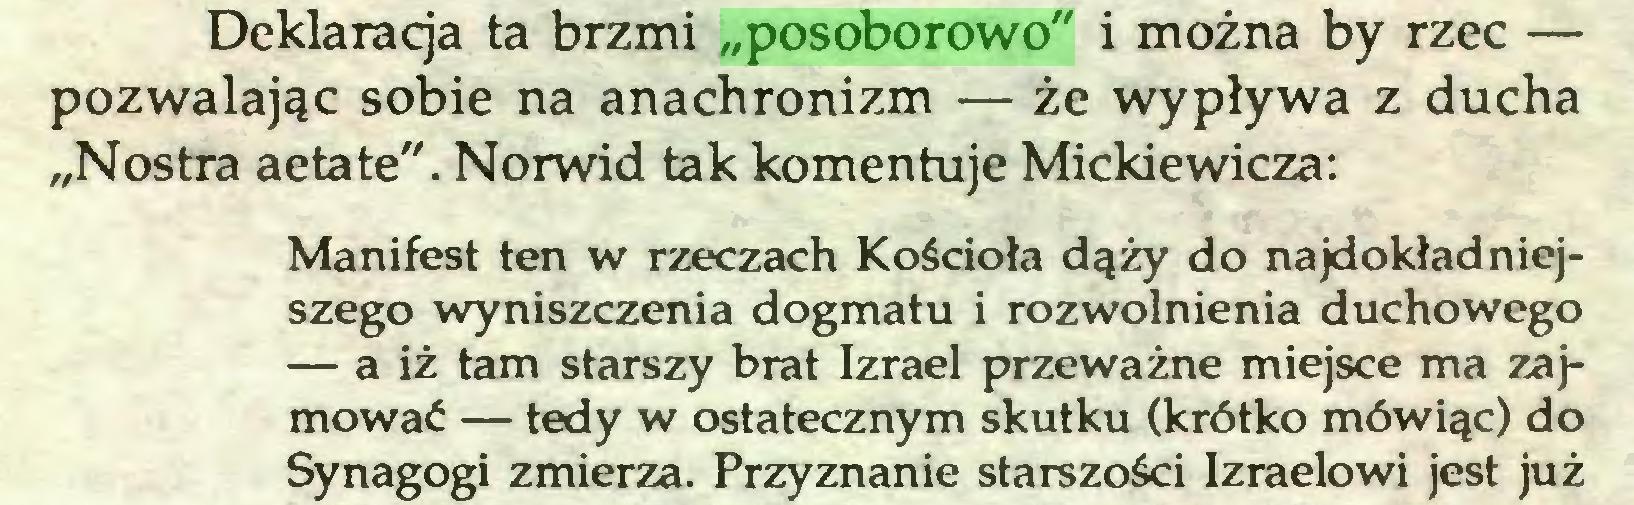 """(...) Deklaracja ta brzmi """"posoborowo"""" i można by rzec — pozwalając sobie na anachronizm — że wypływa z ducha """"Nostra aetate"""". Norwid tak komentuje Mickiewicza: Manifest ten w rzeczach Kościoła dąży do najdokładniejszego wyniszczenia dogmatu i rozwolnienia duchowego — a iż tam starszy brat Izrael przeważne miejsce ma zajmować — tedy w ostatecznym skutku (krótko mówiąc) do Synagogi zmierza. Przyznanie starszości Izraelowi jest już..."""